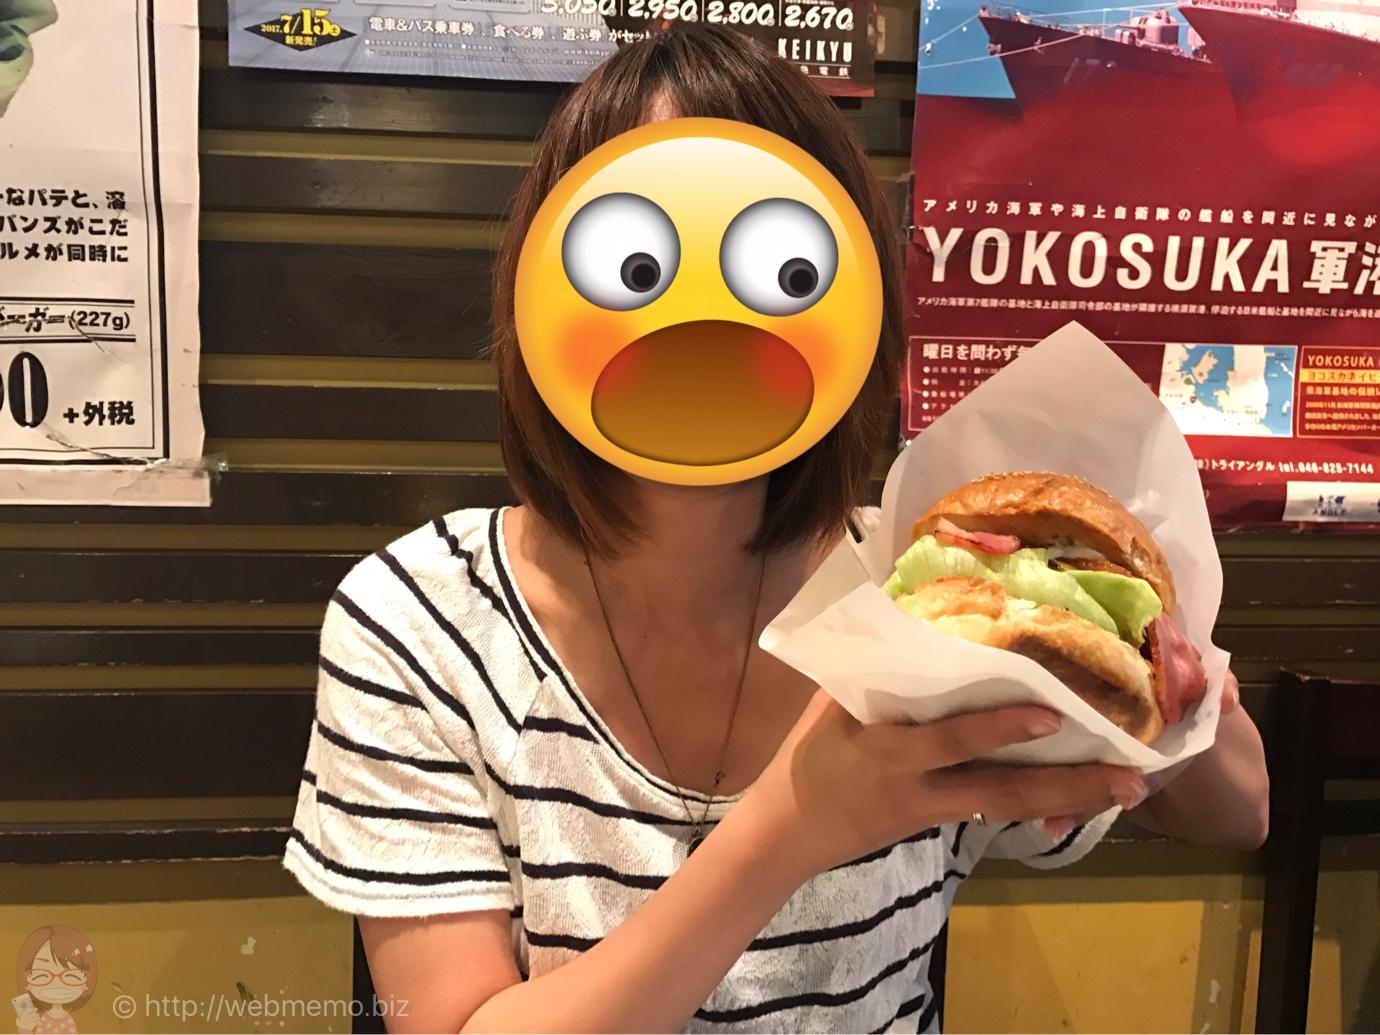 横須賀 ネイビーバーガー「ツナミ」のジョージ・ワシントン 580gを完食!女性も意外といける!